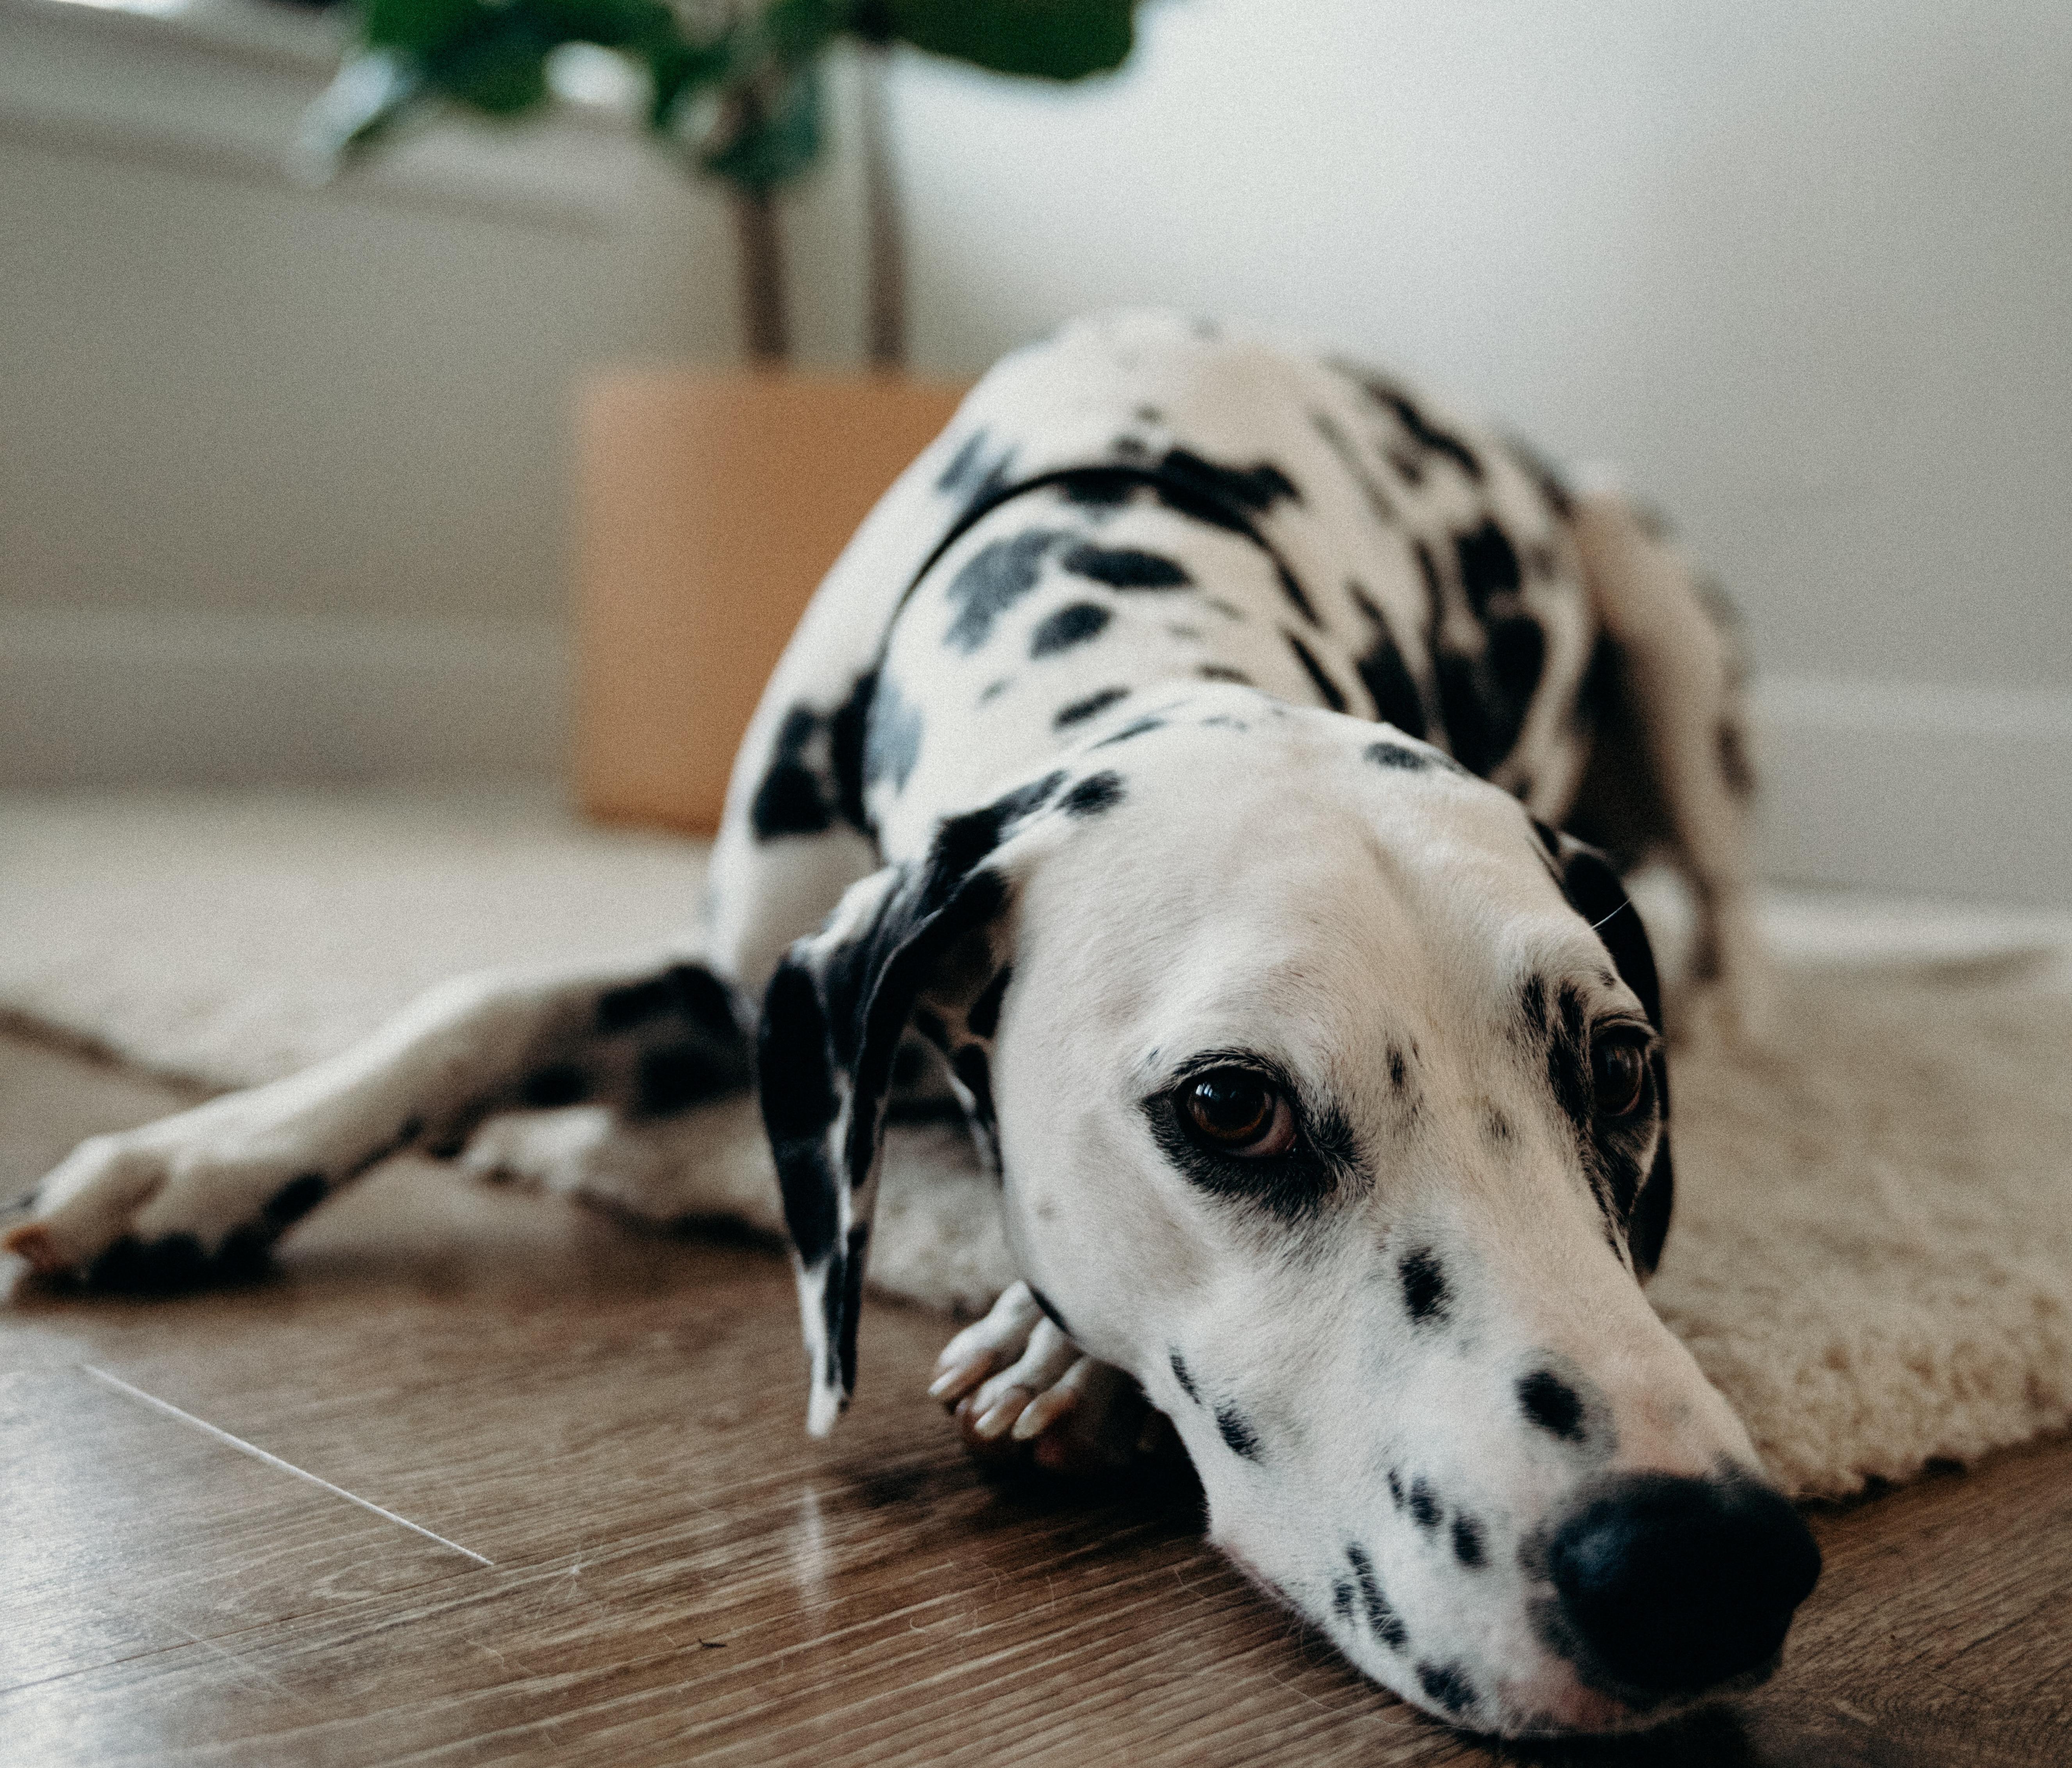 dog-lying-on-rug